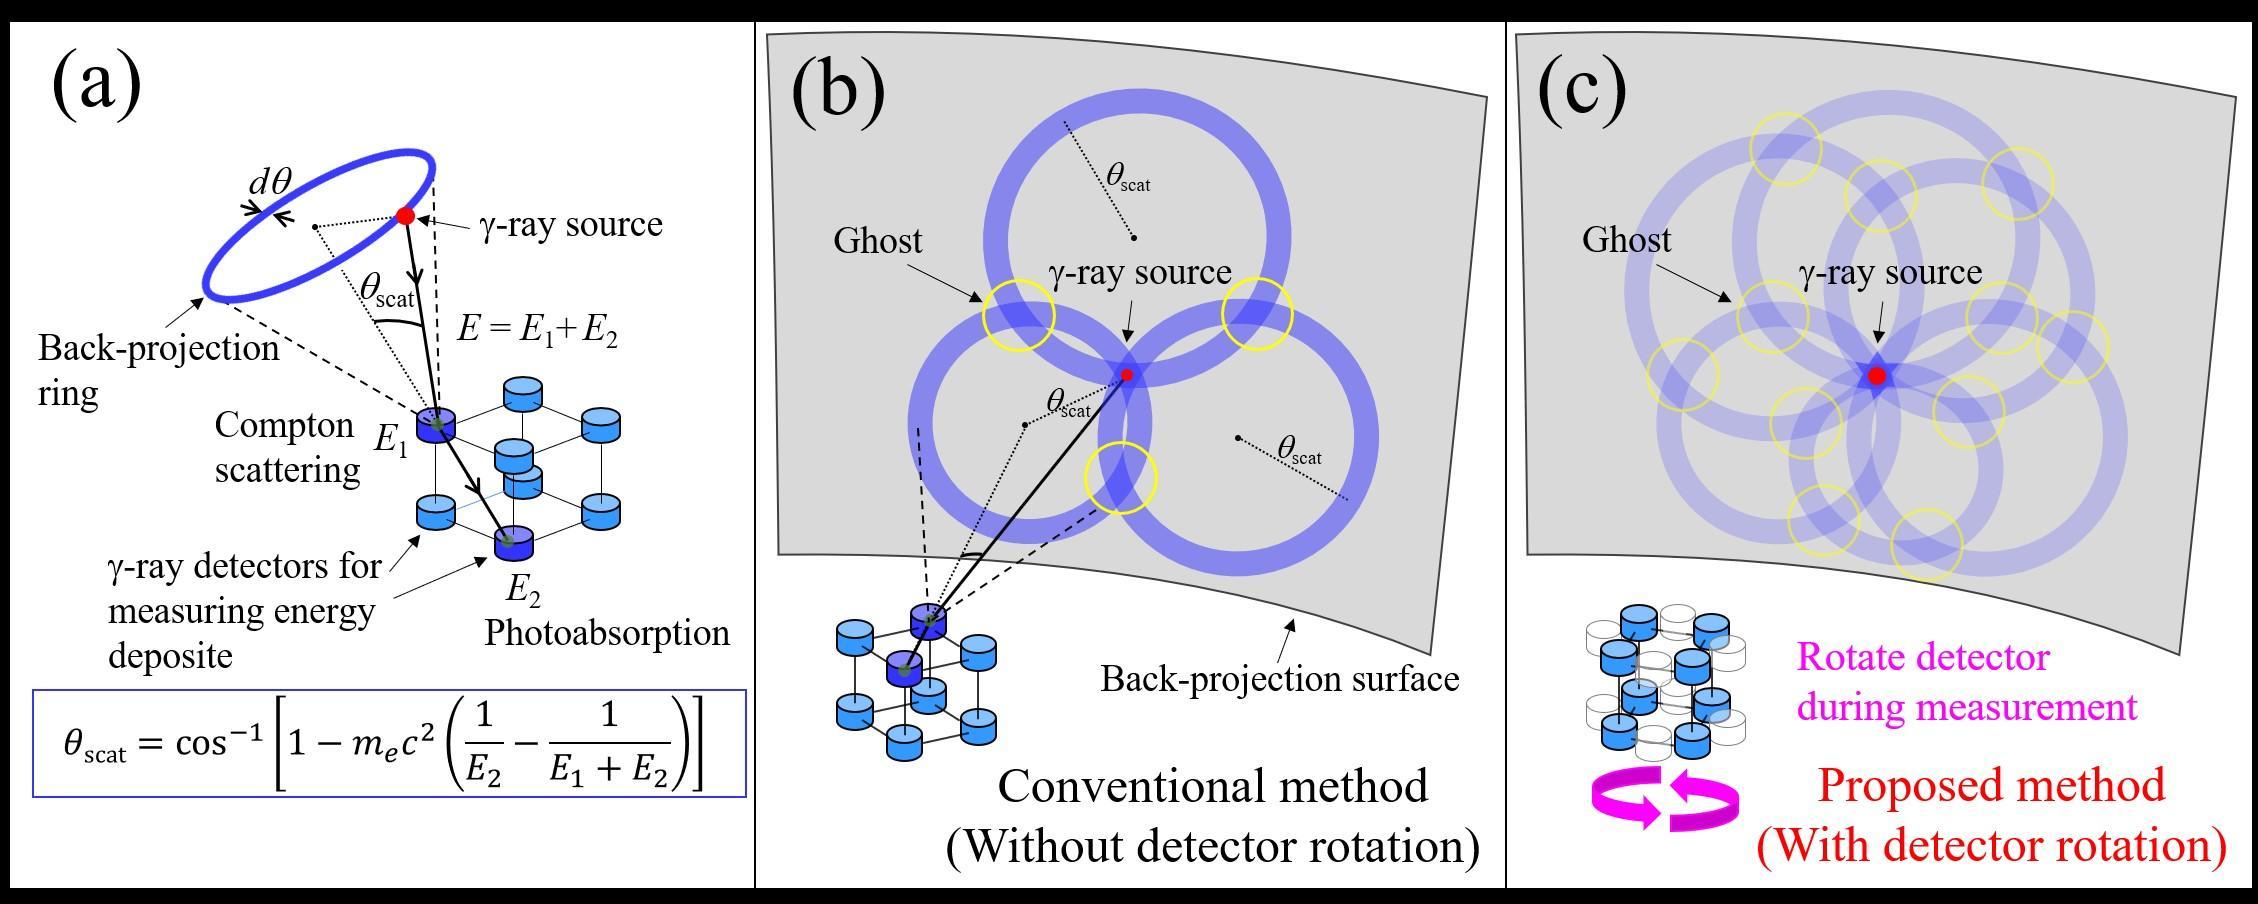 全方向にわたって高感度で画質の優れたγ線画像を取得可能な新手法の提案・実証に成功 -- 北里大学